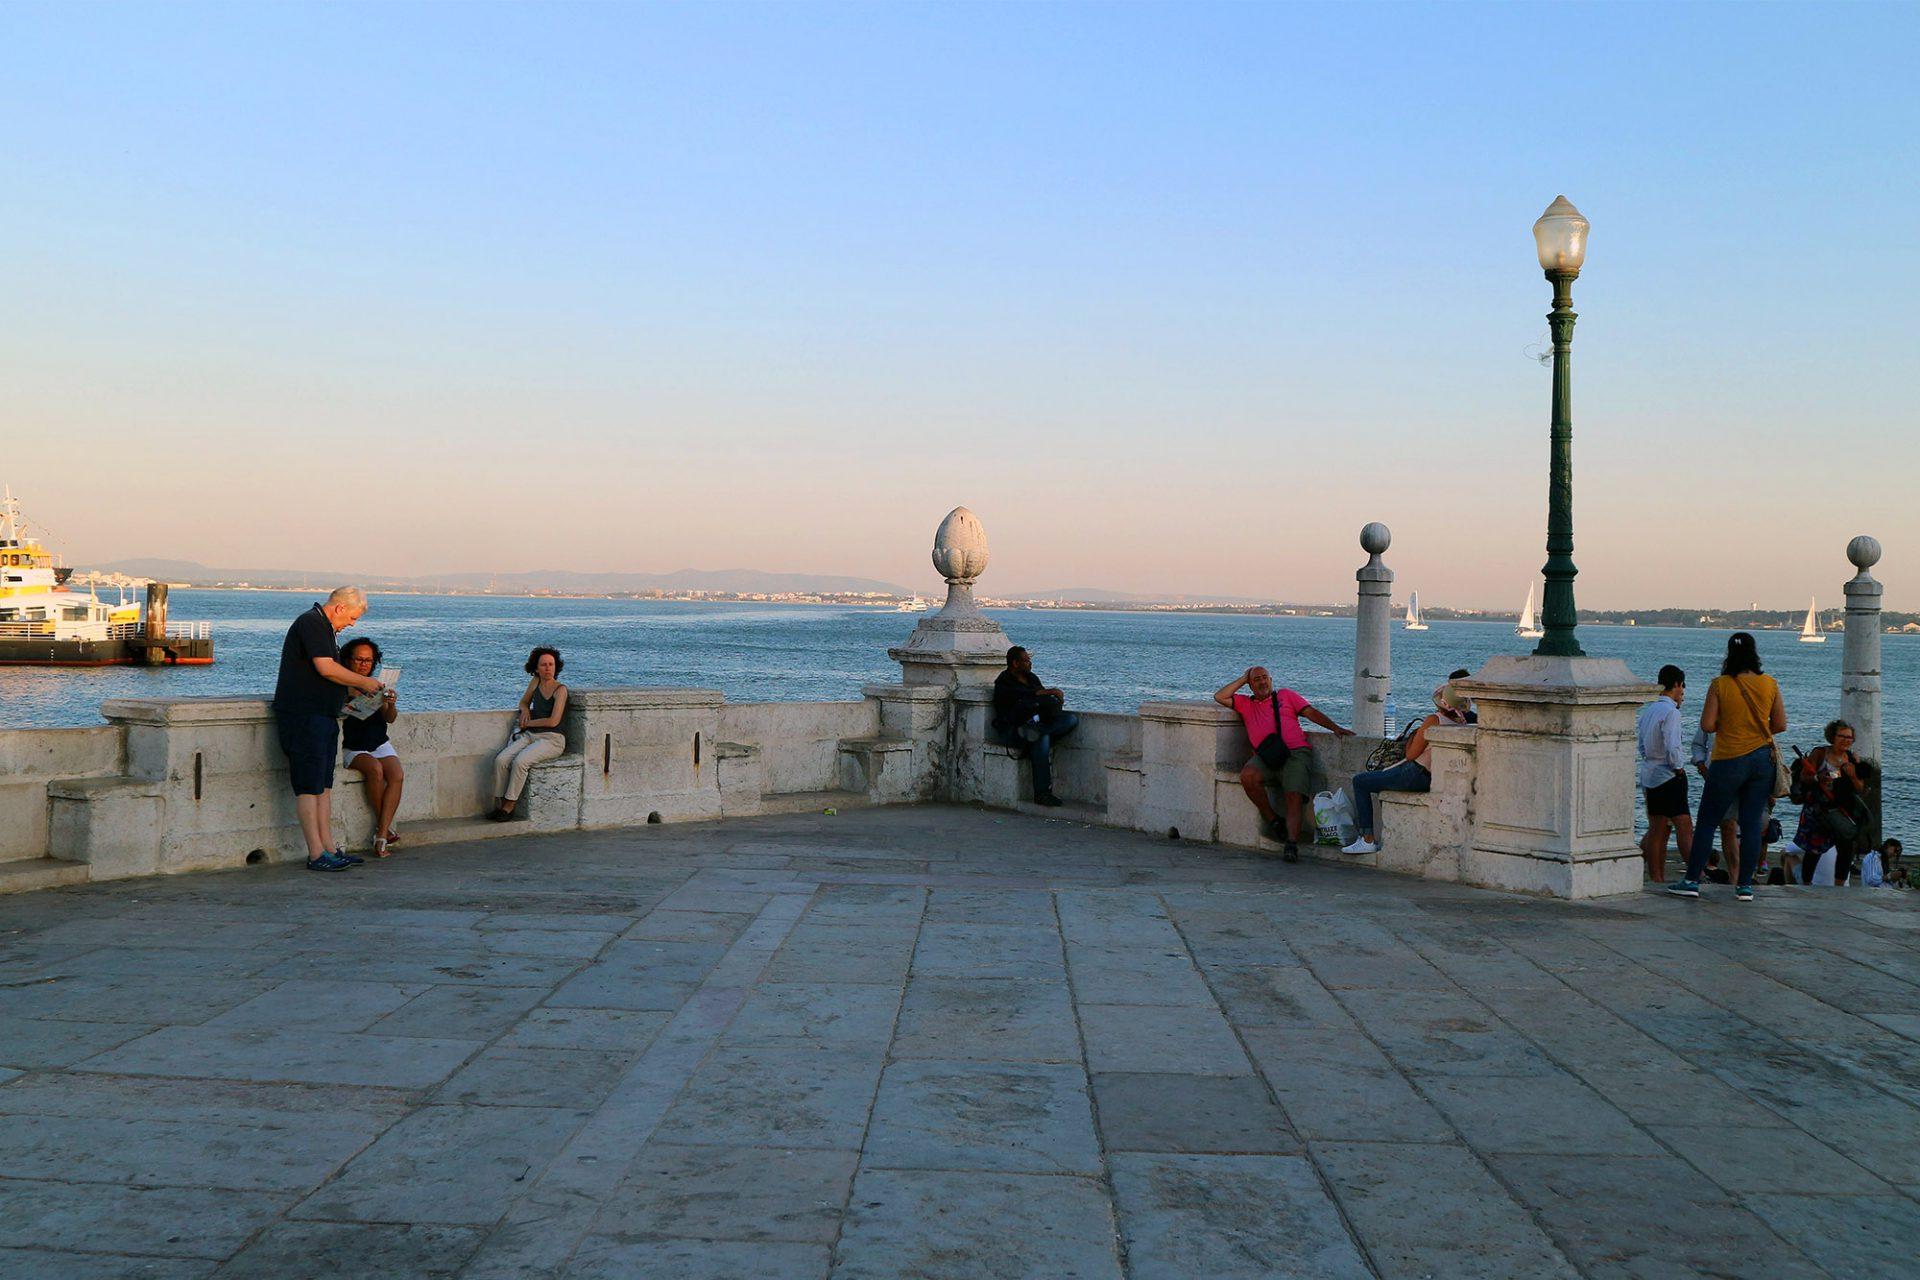 Cais das Colunas.  Zwei große Säulen flankieren eine marmorne Rampe, die zum Wasser führt. In die steinernen Ballustraden sind Sitze eingelassen (blaue Metro, Terreiro do Paço).